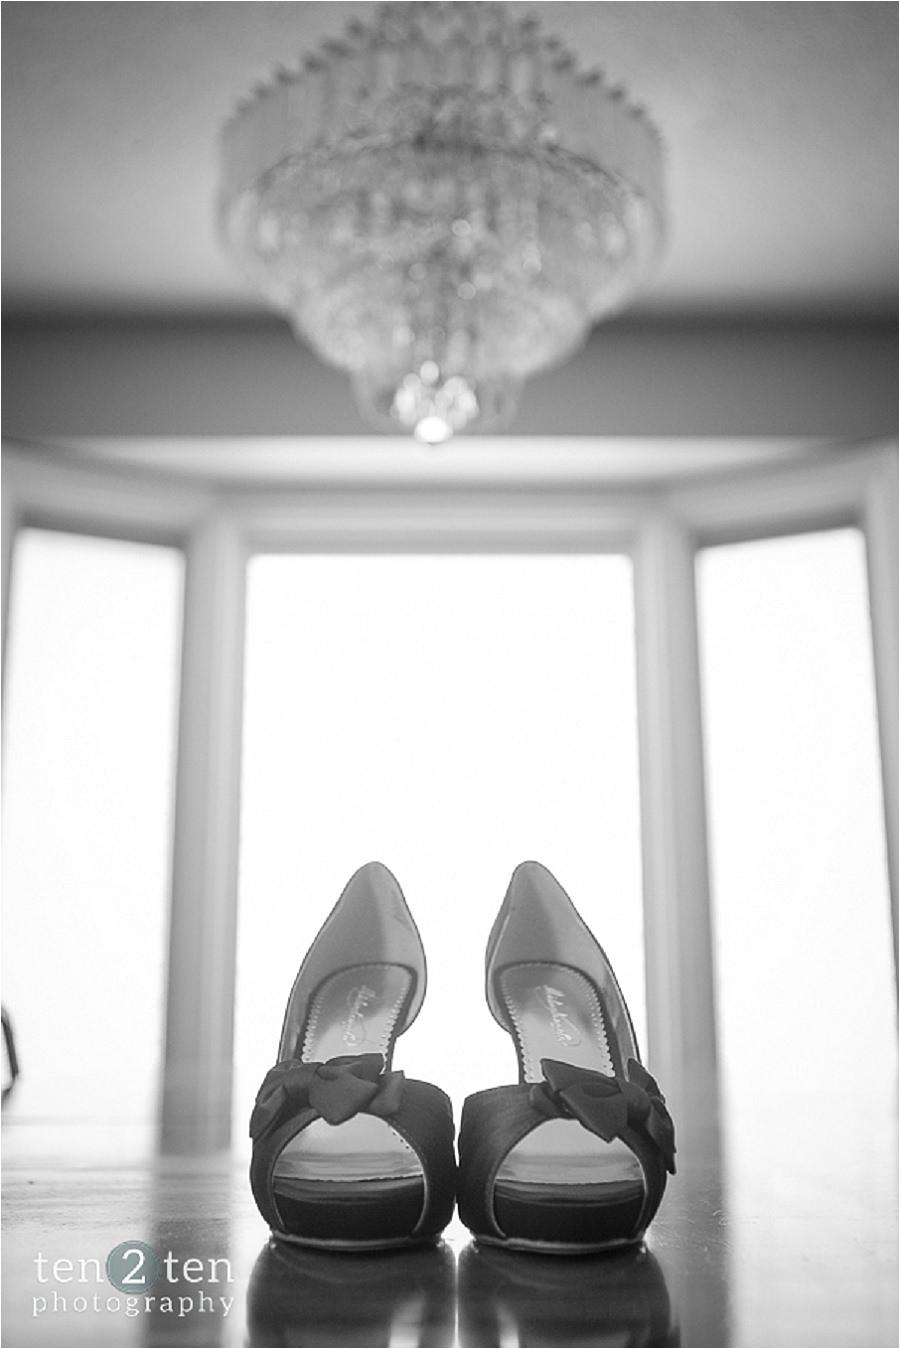 vaughan estates of sunnybrook wedding ten2ten 0010 - Estates of Sunnybrook Wedding: Danielle + Chris